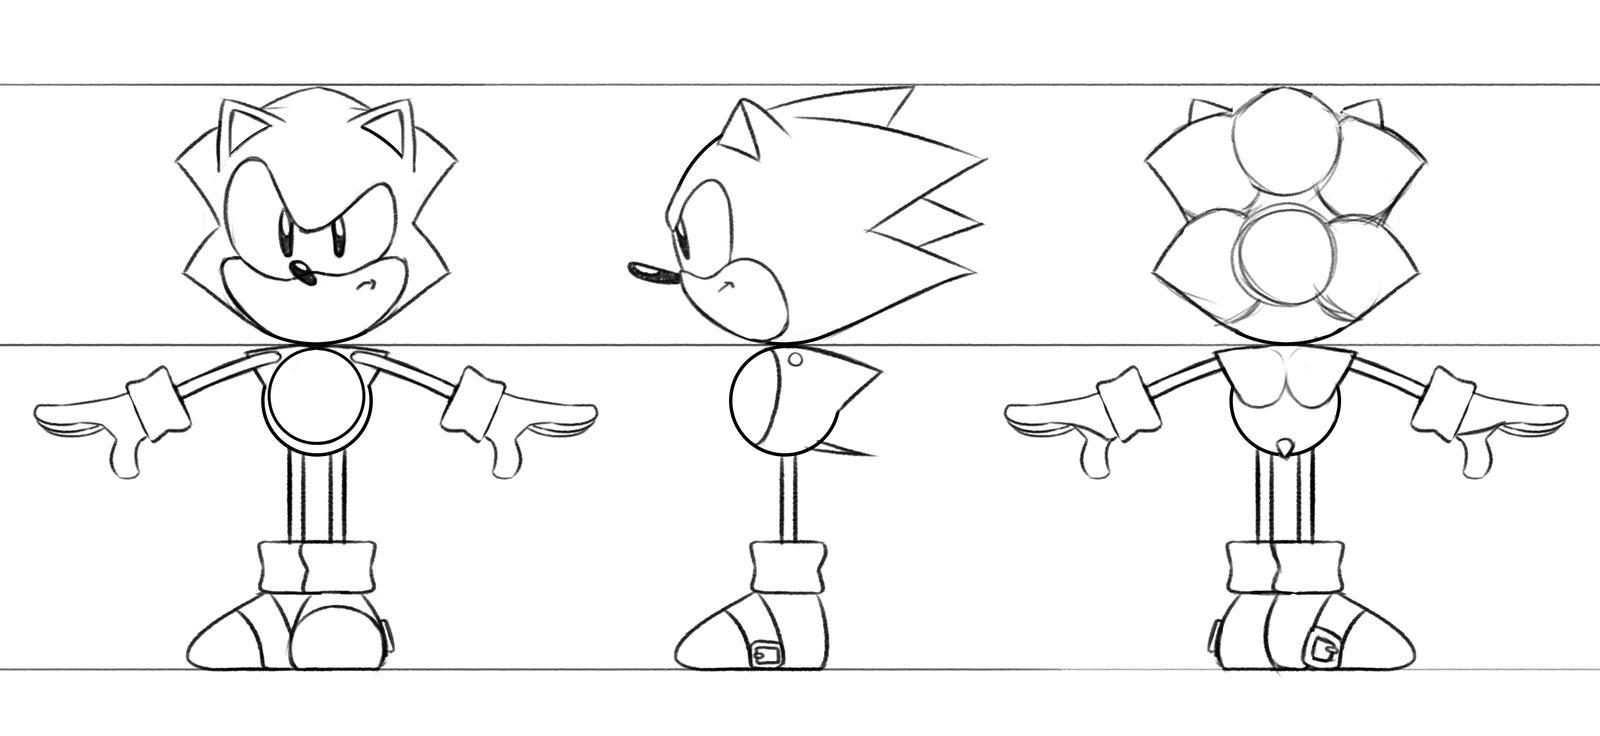 Line Art Rendering Of 3d Models : Toei sonic d model ref sheet by tripplejaz on deviantart